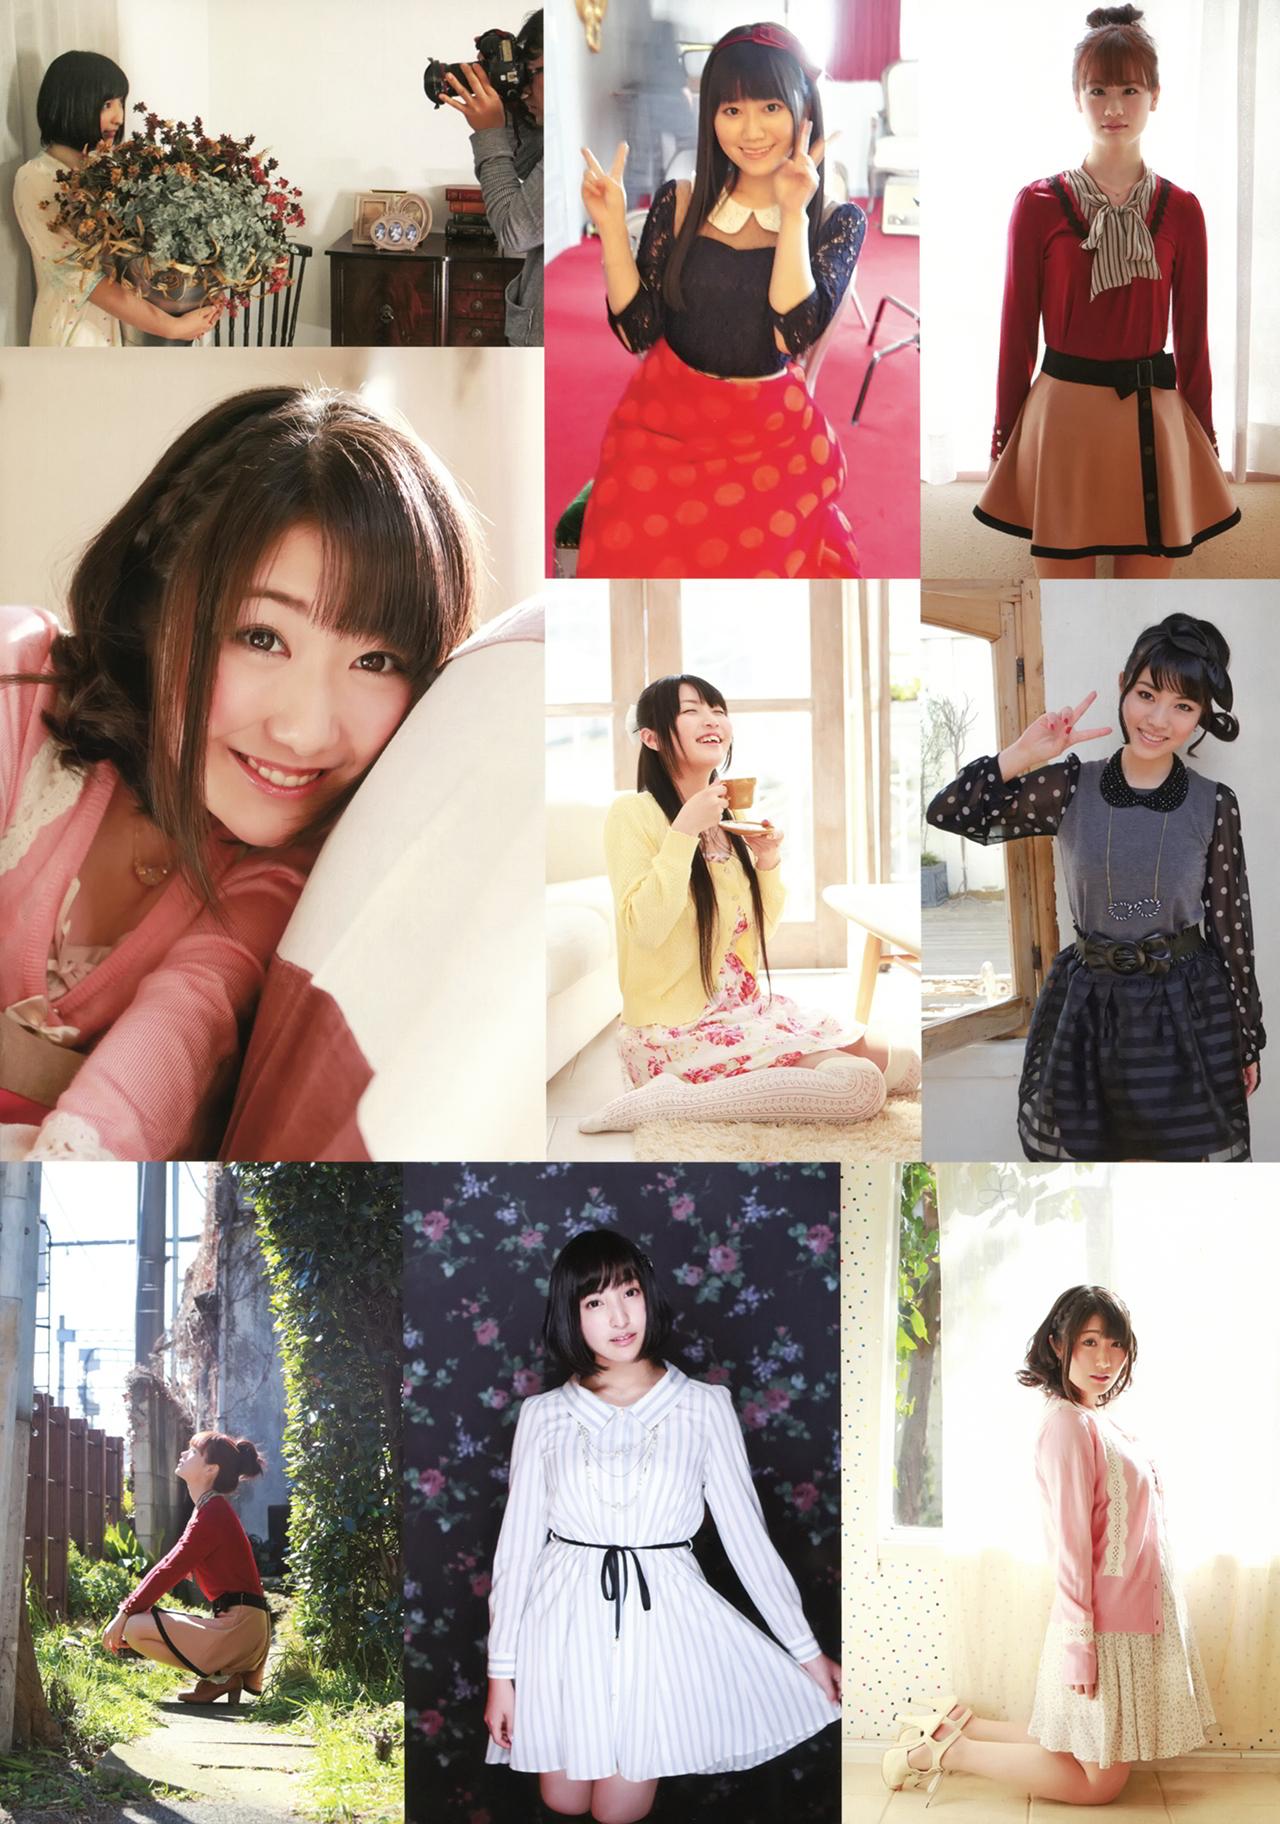 hidaka_rina001.jpg